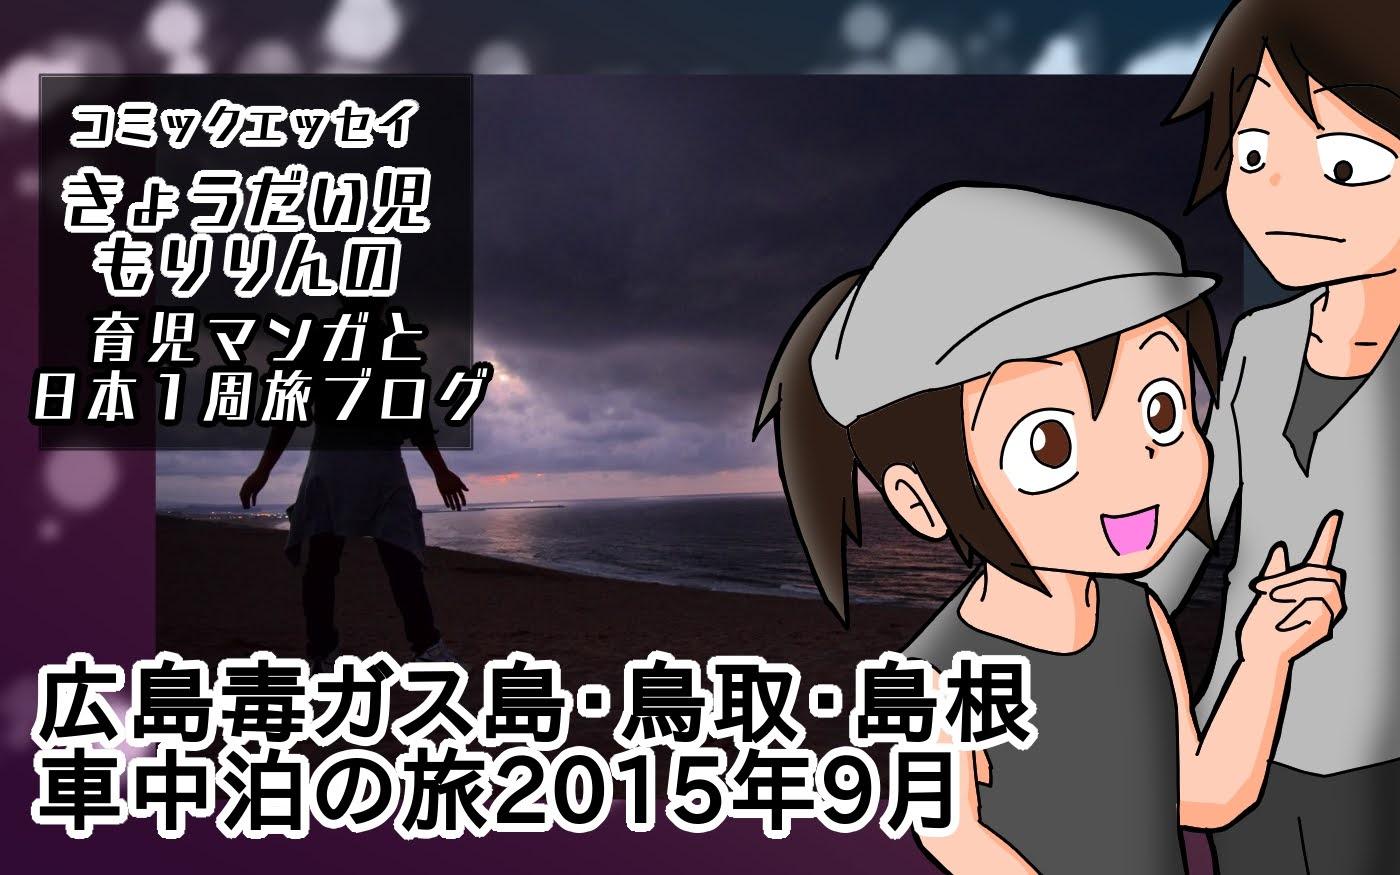 広島毒ガス島・鳥取・島根車中泊の旅2015年9月